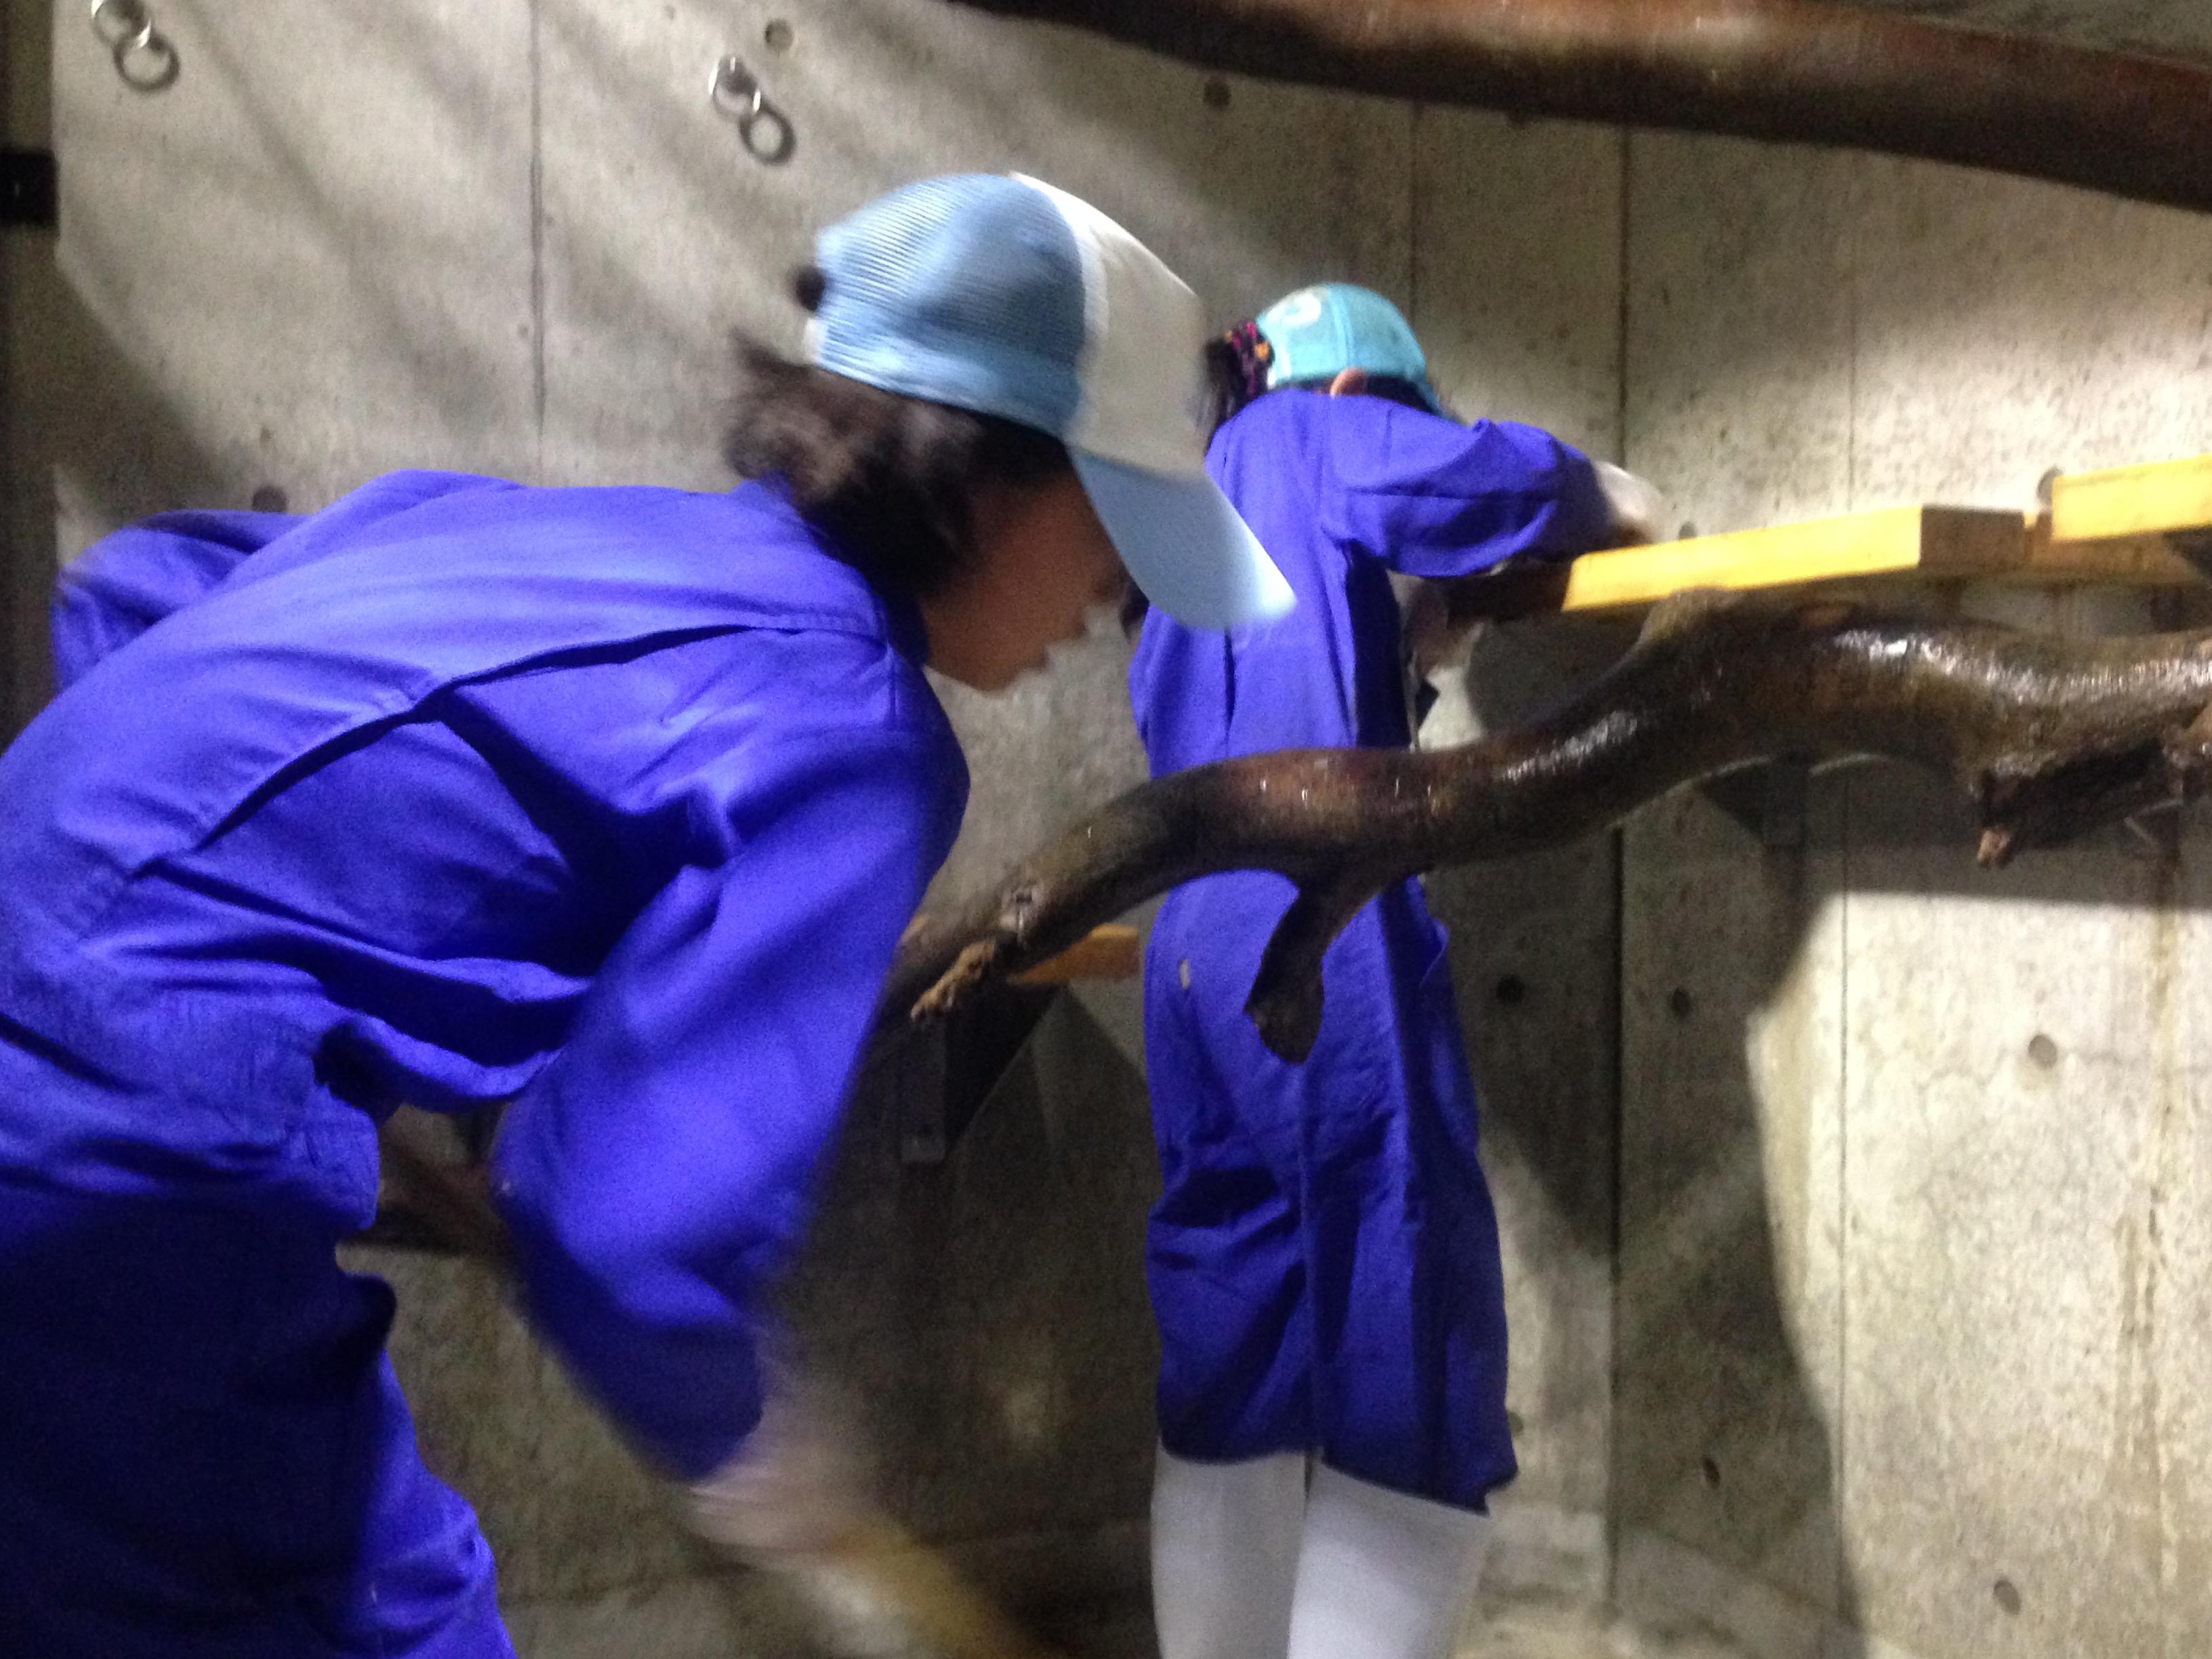 8月8日 なりきり飼育員 - 飼育員ブログ - ときわ動物園 - ときわ公園|山口県宇部市